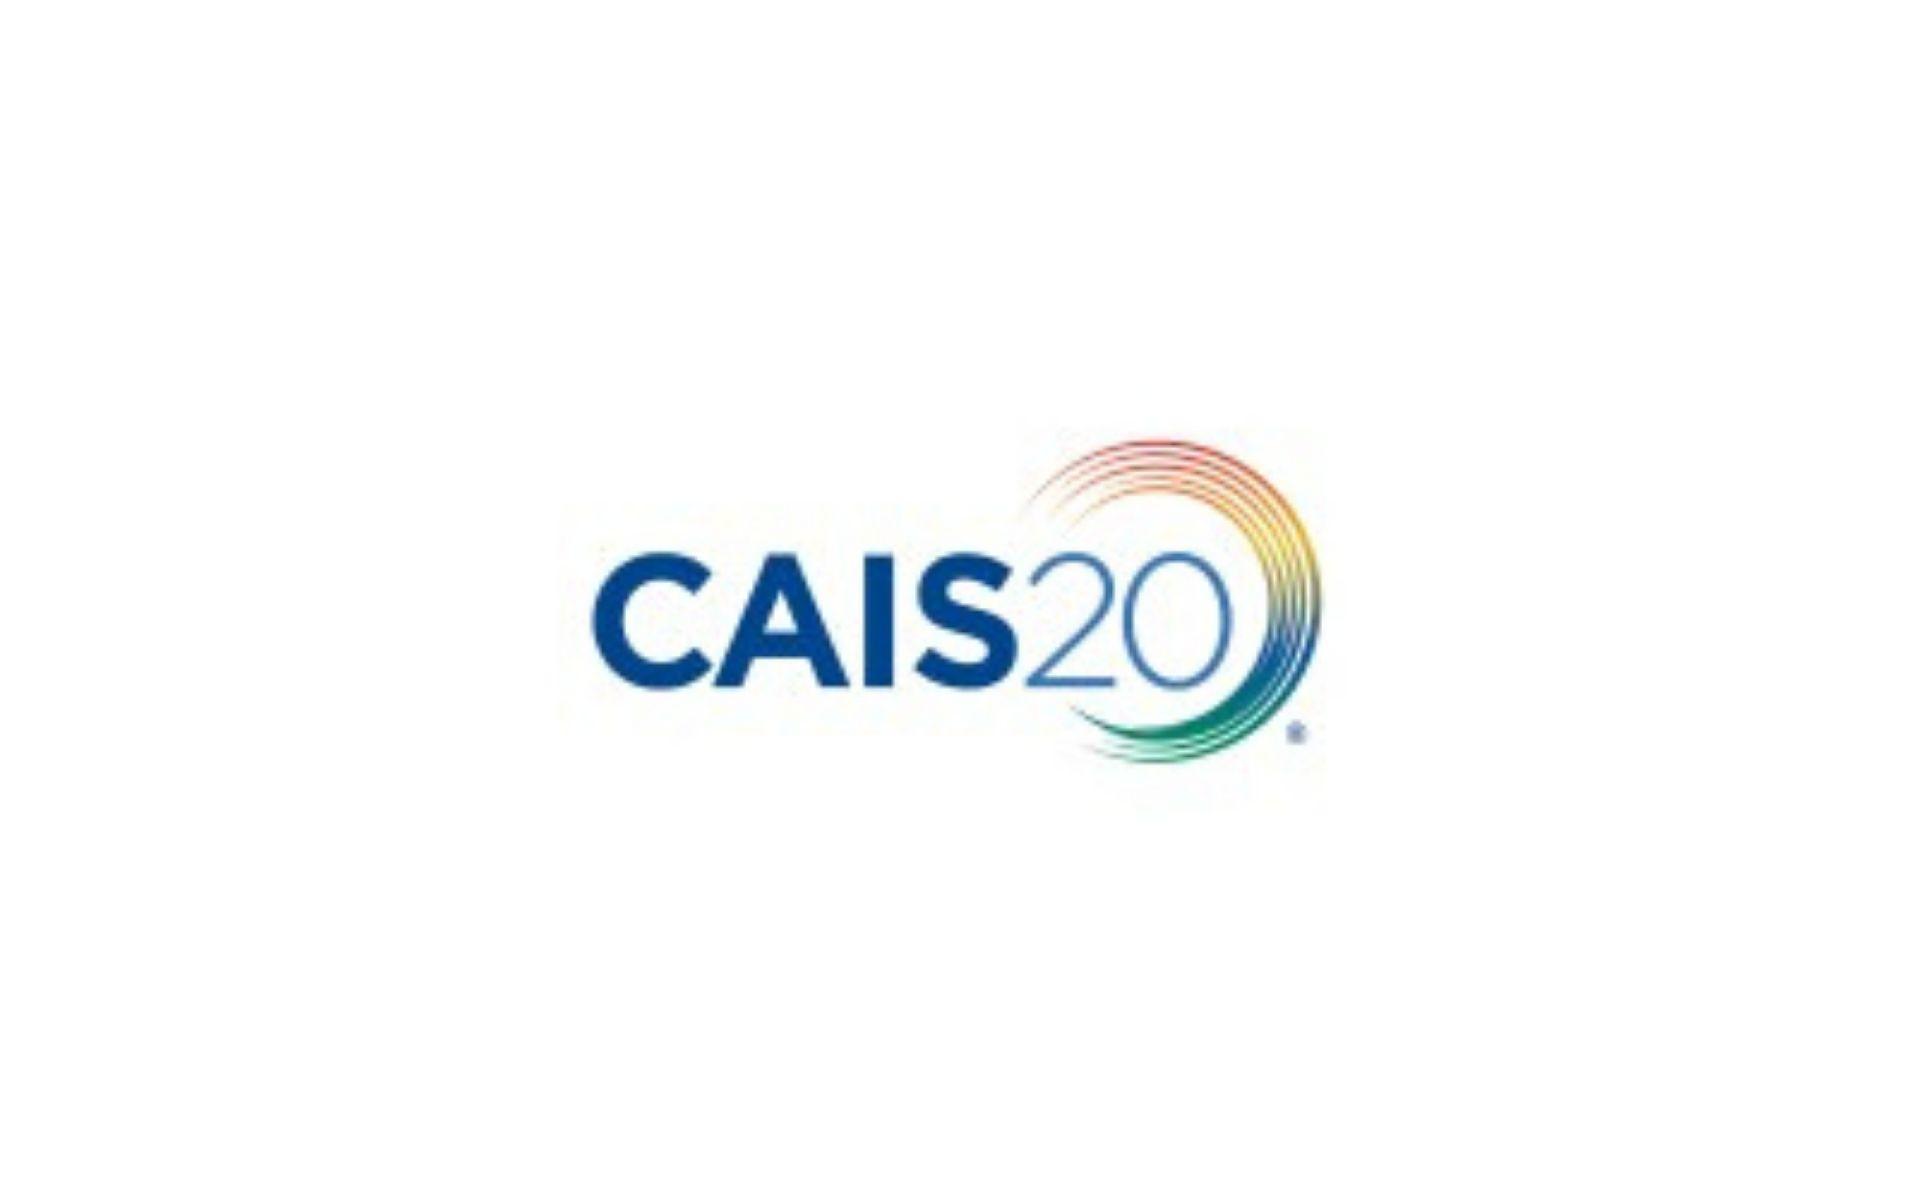 CAIS20